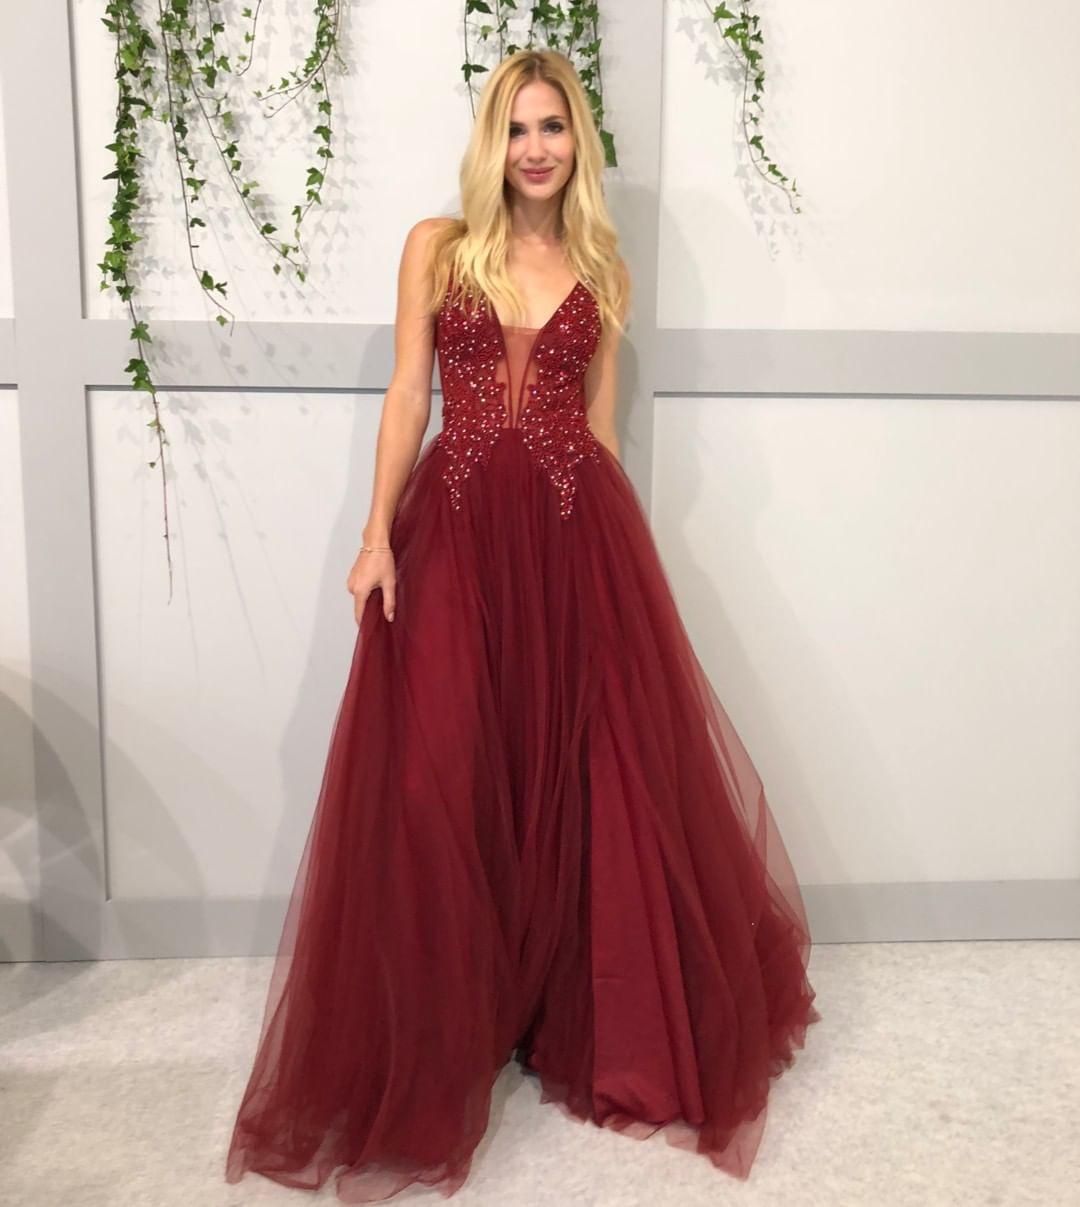 10 Schön Abend Kleid Rot für 201920 Schön Abend Kleid Rot für 2019